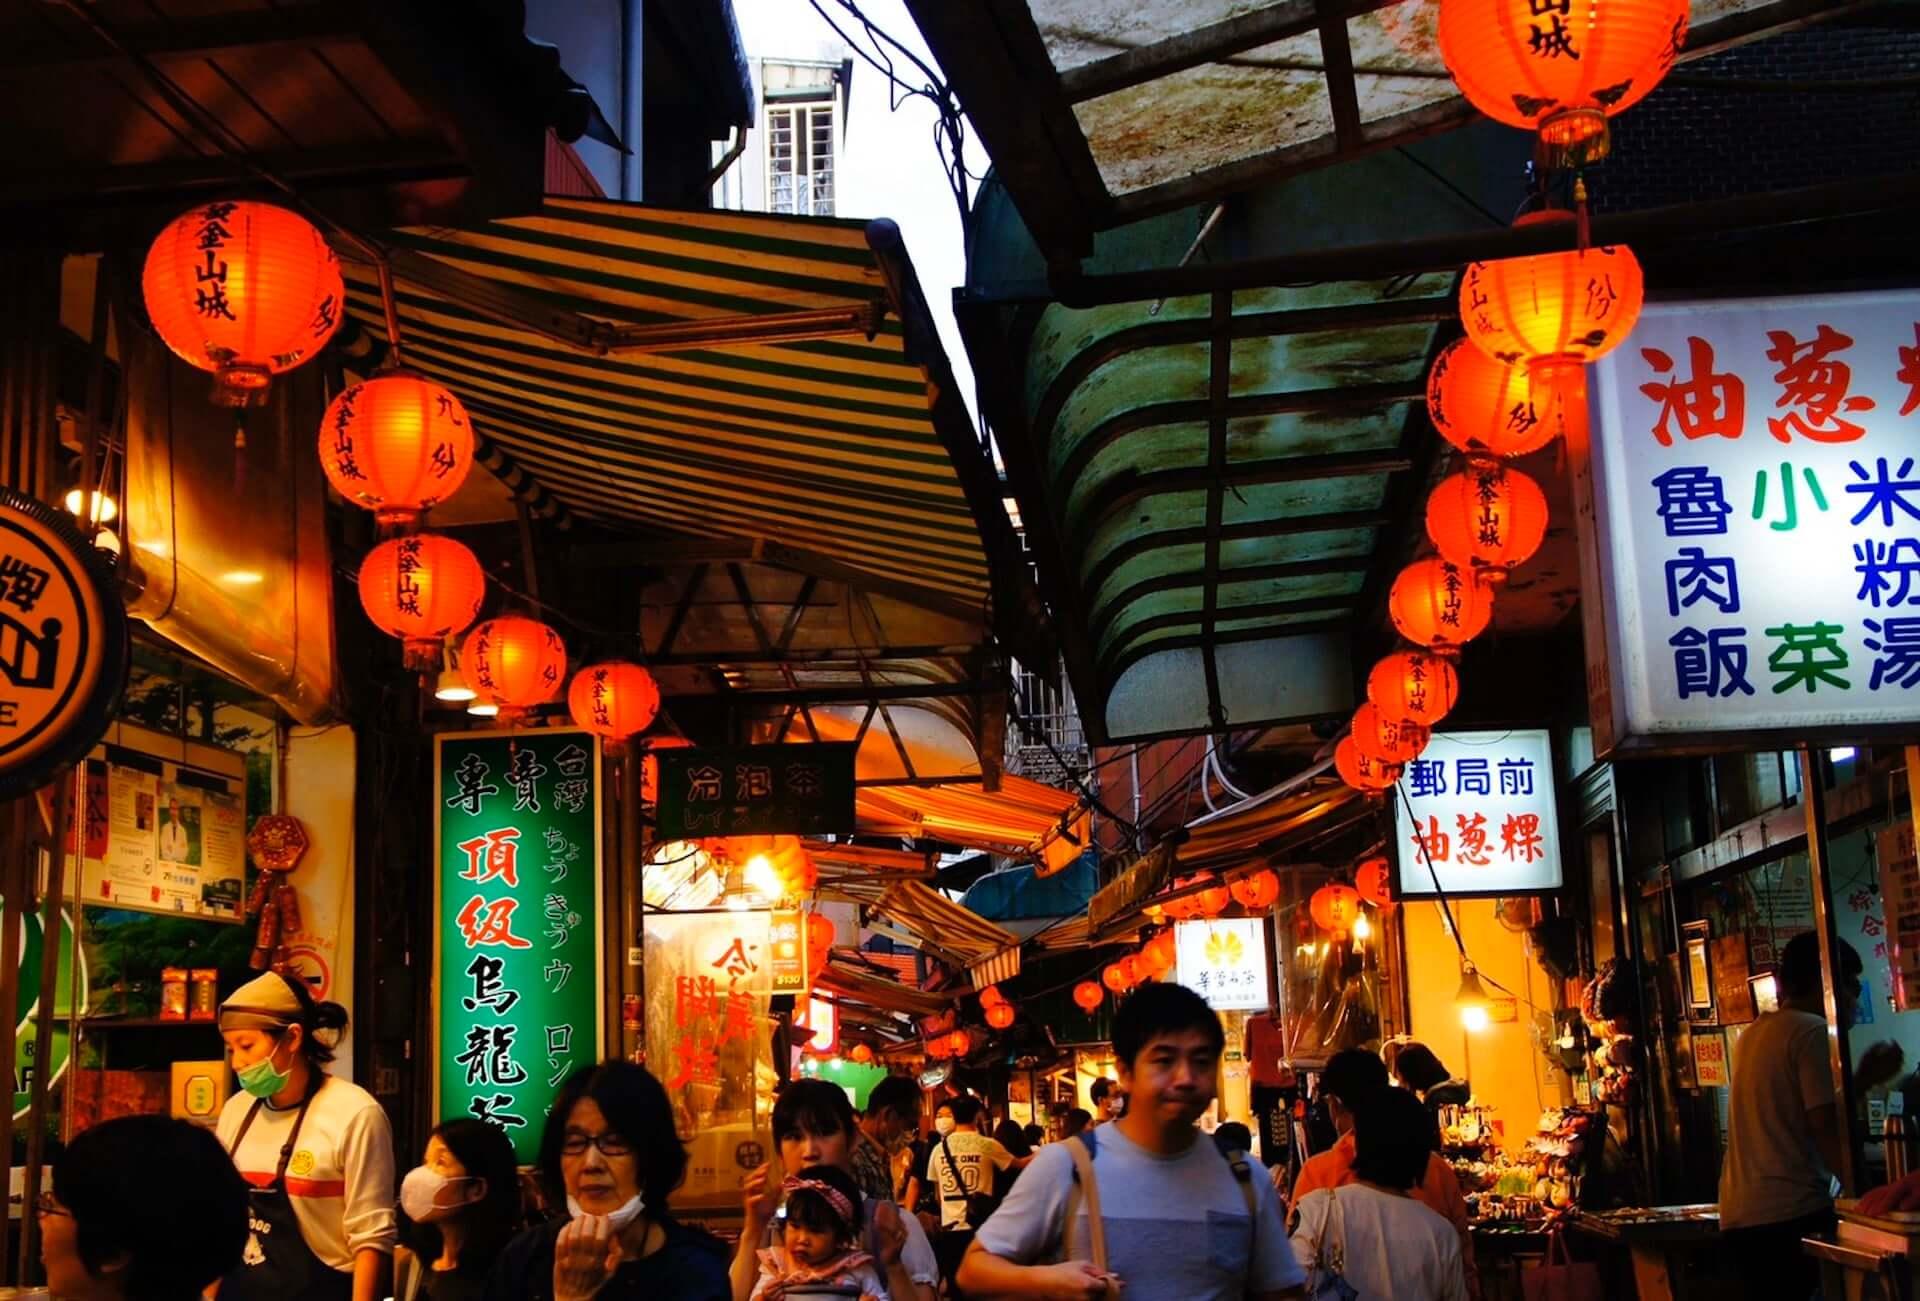 珠 鈴×松㟢翔平 台湾でどこ行く なに食べる?好好台湾対談 interview_shuri_matsuaki_03_1-1920x1301